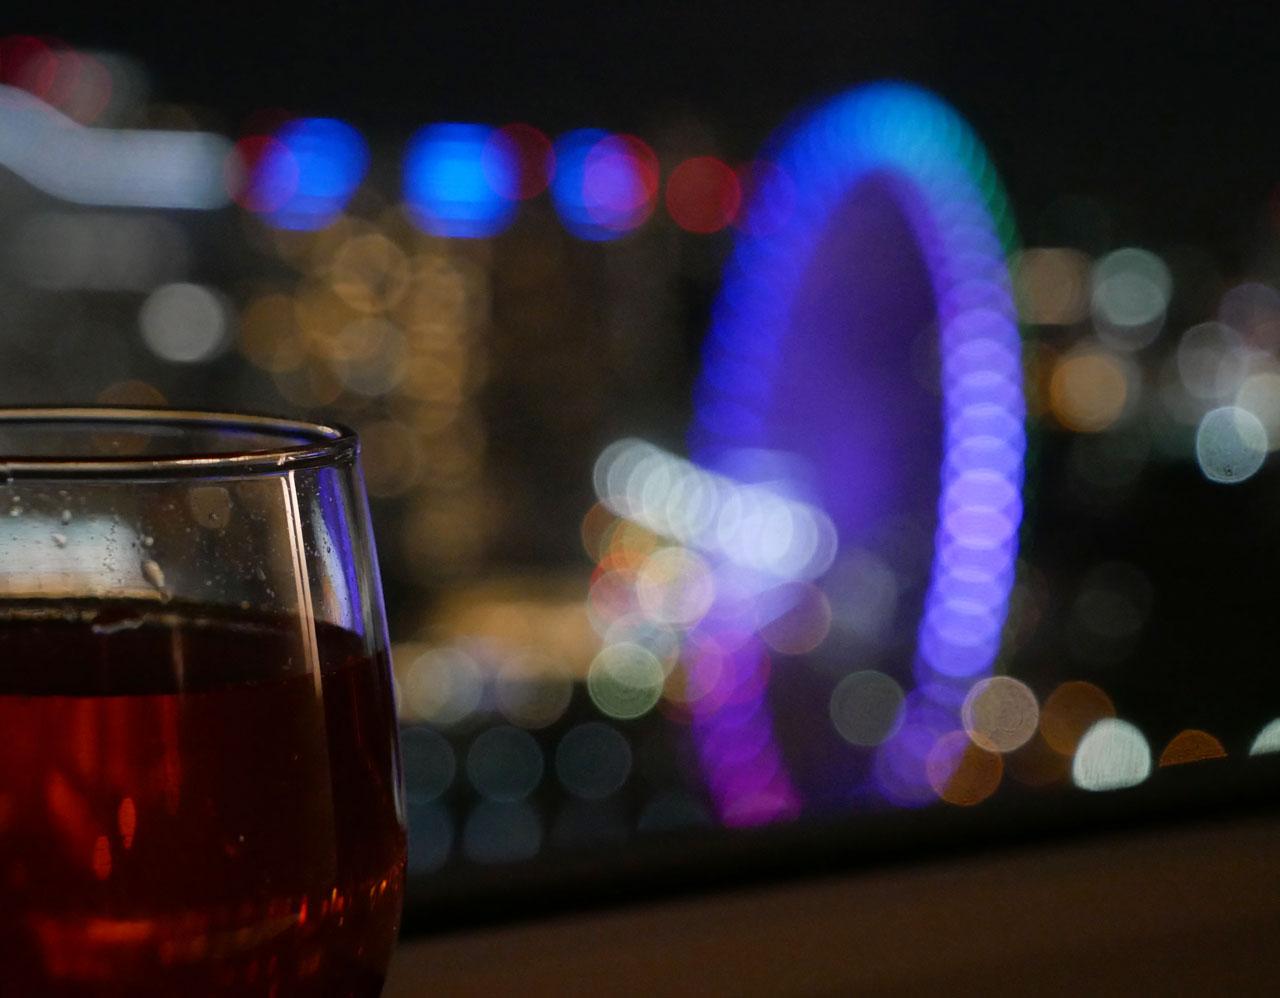 アパホテル横浜ベイタワーからの眺望7:LUMIX DMC-GX7MK2+LEICA DG VARIO-ELMARIT 12-60mm/F2.8-4.0